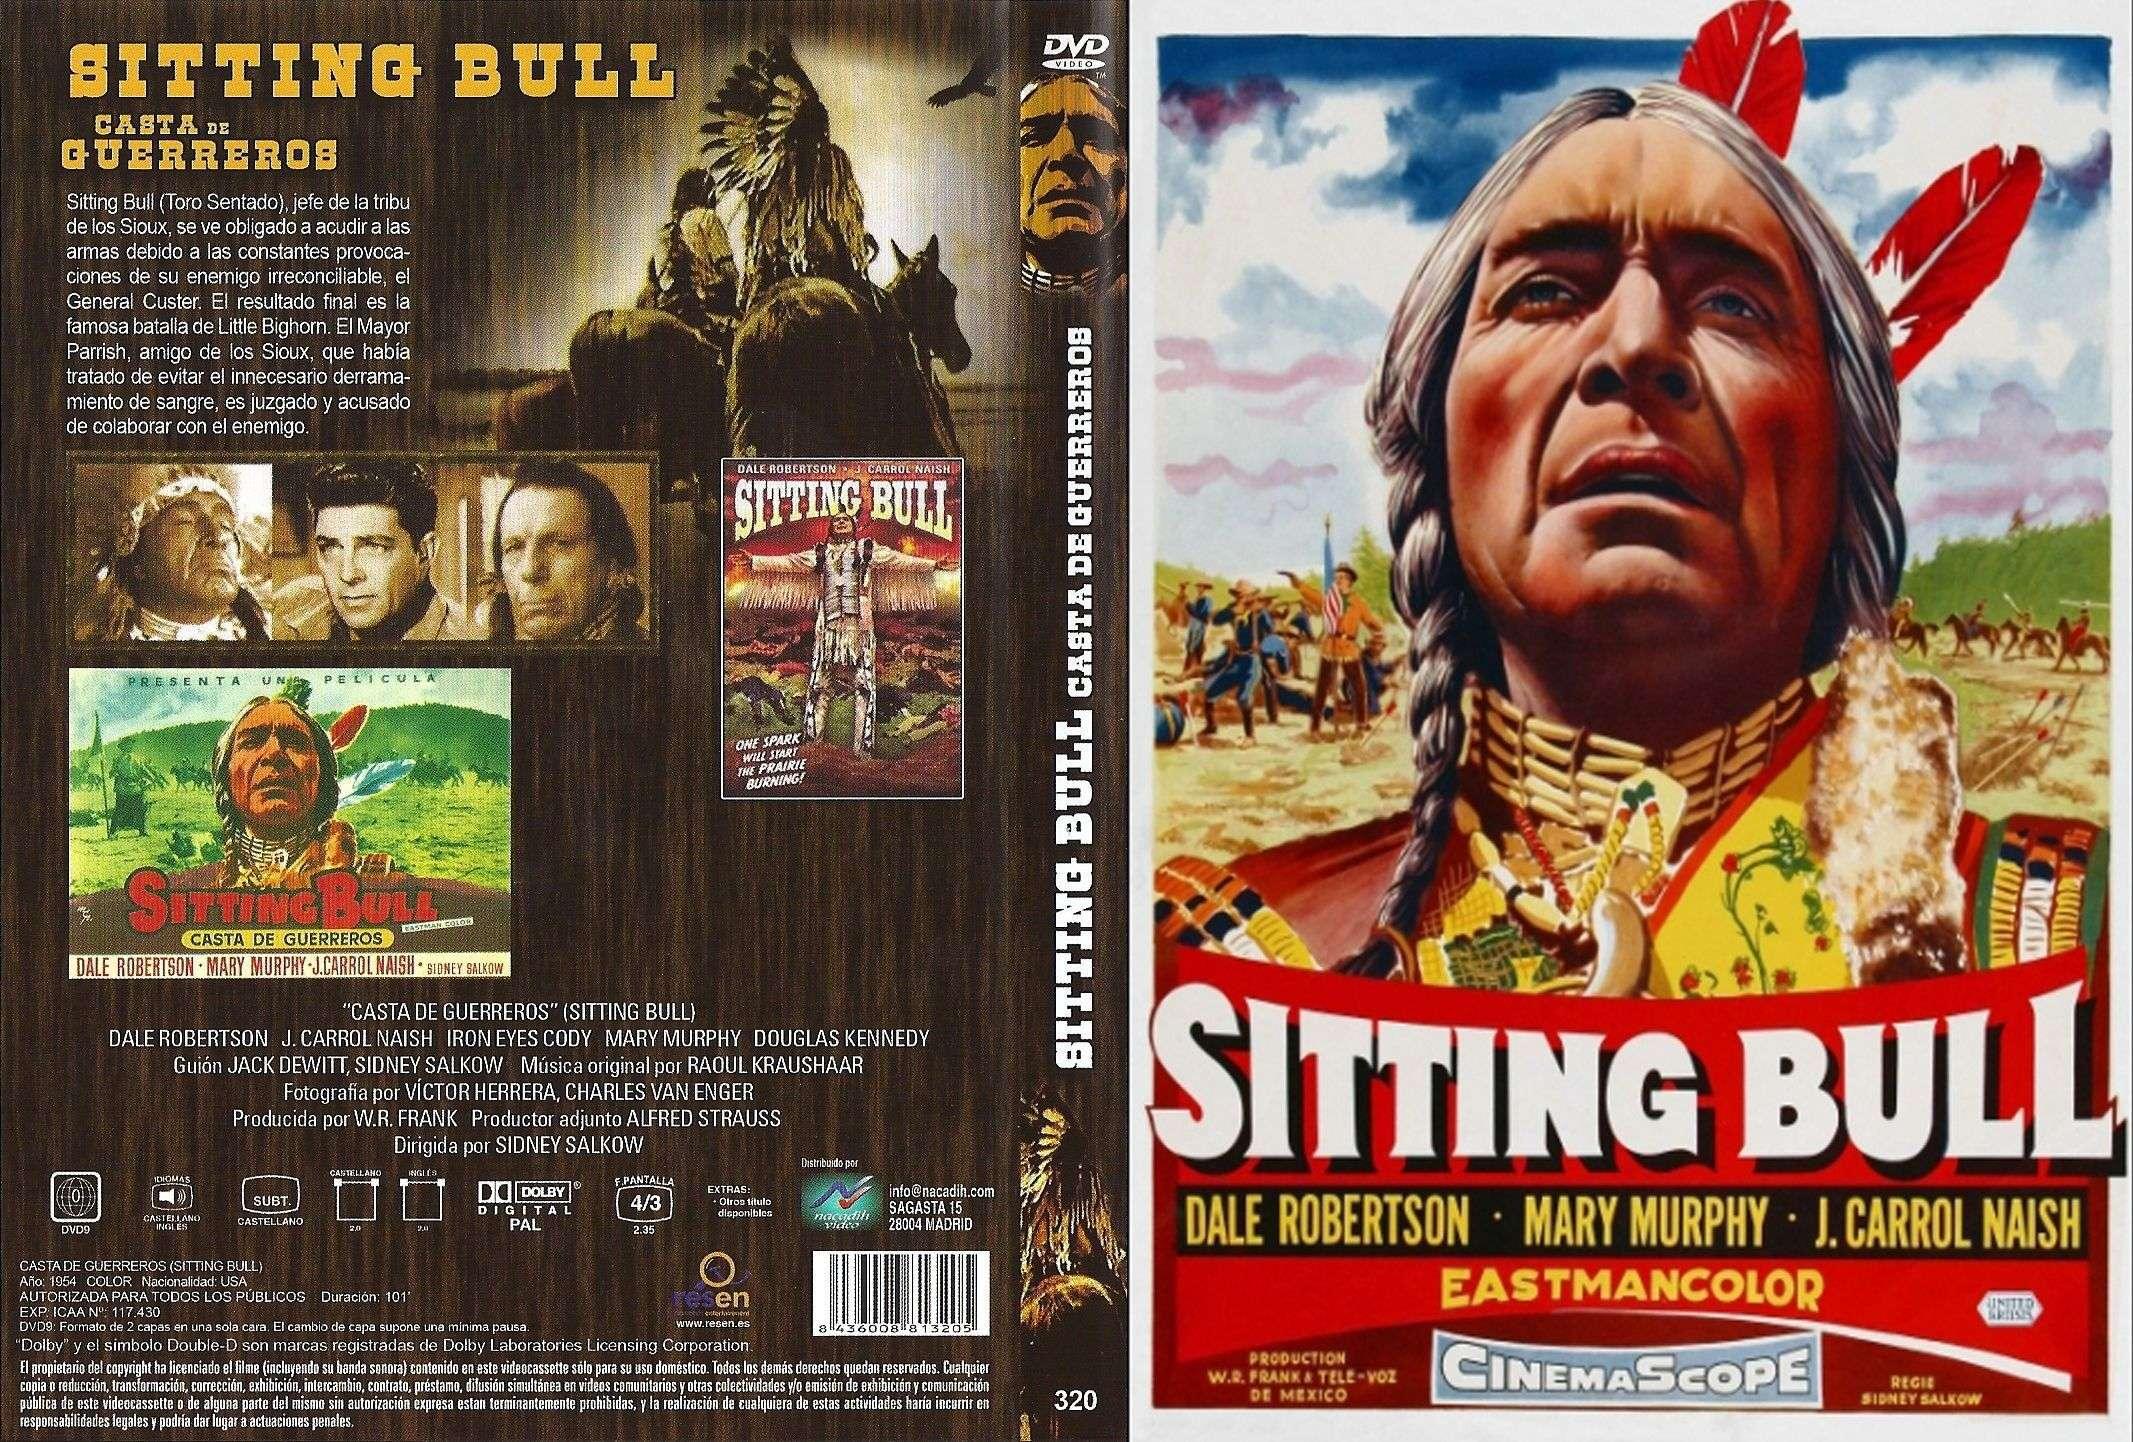 http://img850.imageshack.us/img850/6273/sittingbullcover.jpg